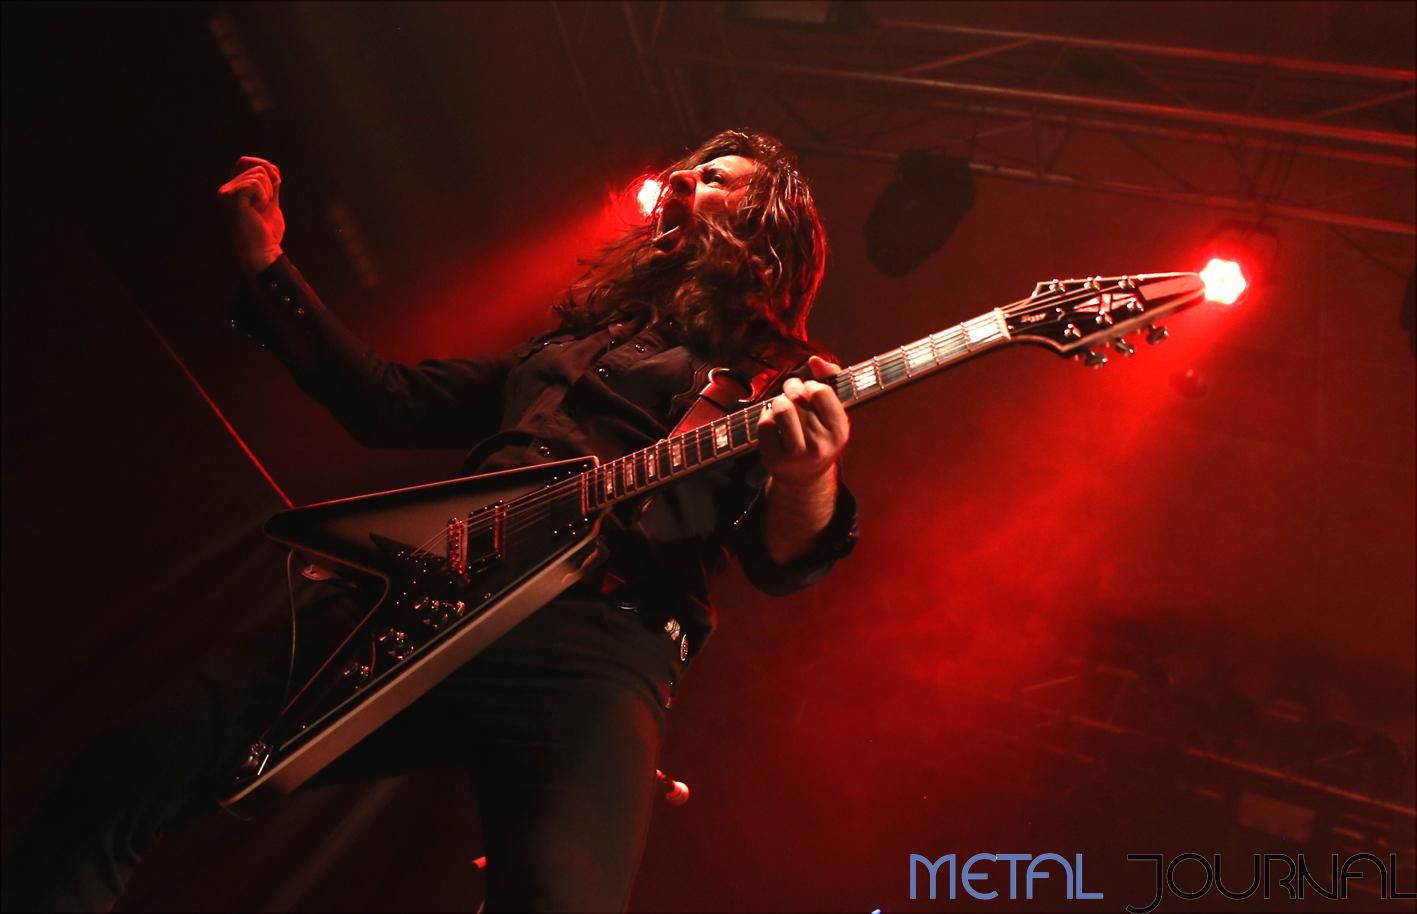 night demon - metal journal 2018 pic 2